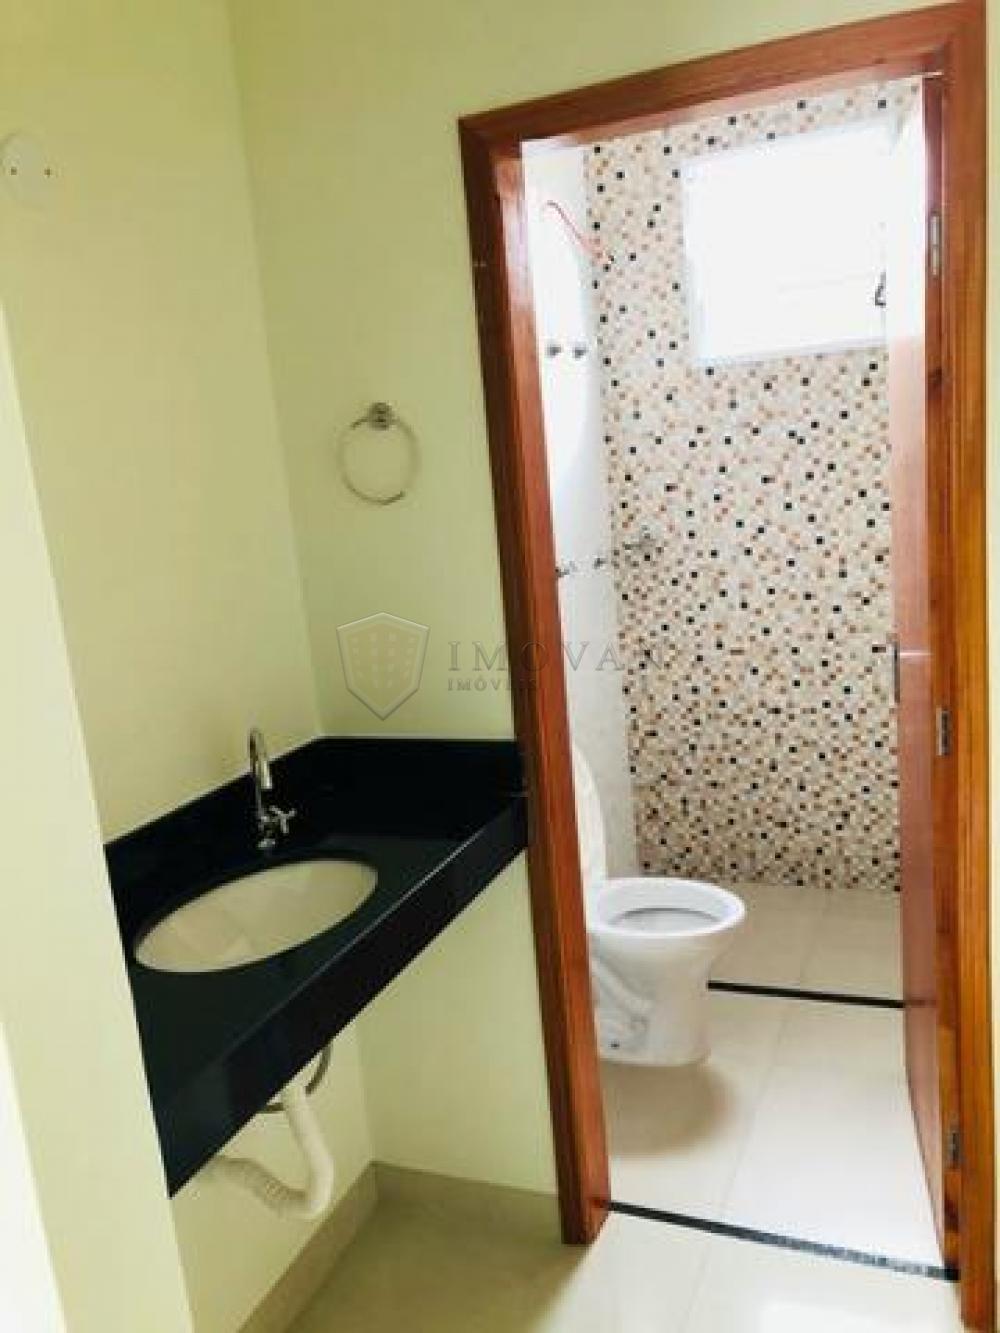 Comprar Casa / Padrão em Bonfim Paulista apenas R$ 250.000,00 - Foto 5